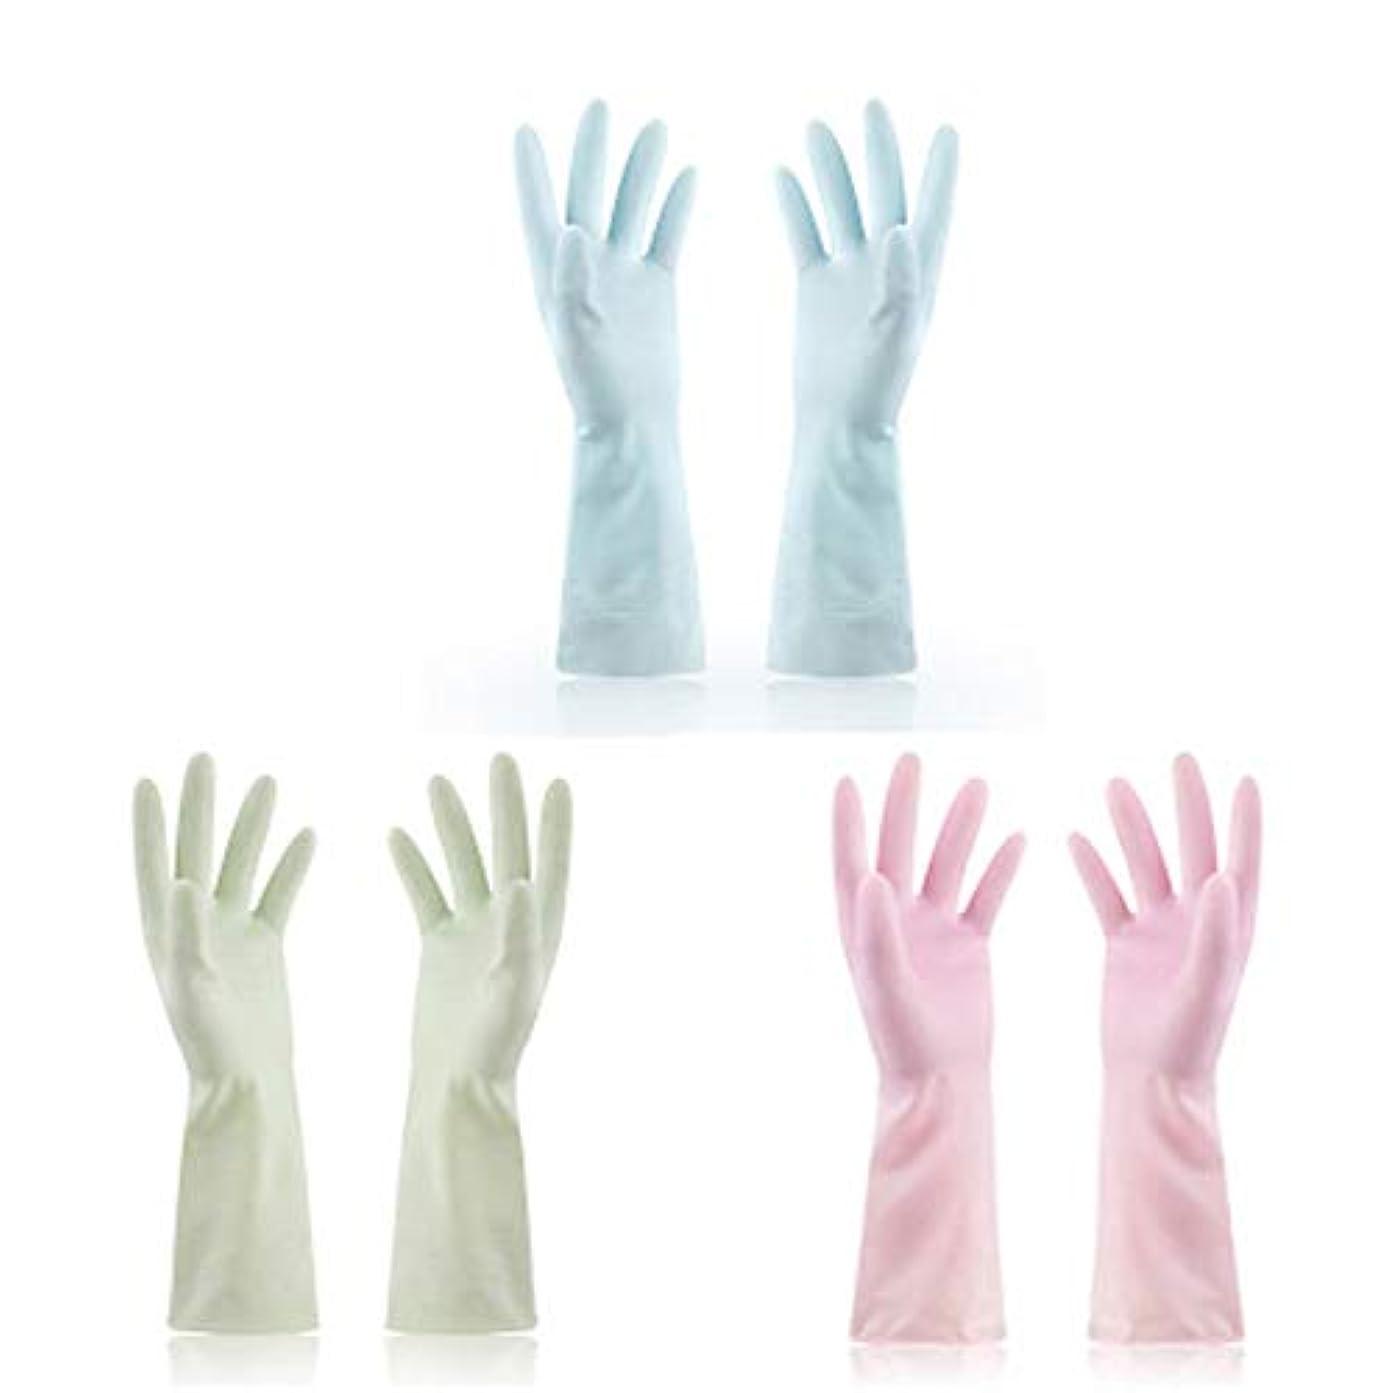 葬儀スタイルどっちでも使い捨て手袋 使い捨て手袋防水ラテックス焦げ付き防止ゴム製ゴム製台所手袋、3組 ニトリルゴム手袋 (Color : Multi-colored, Size : M)